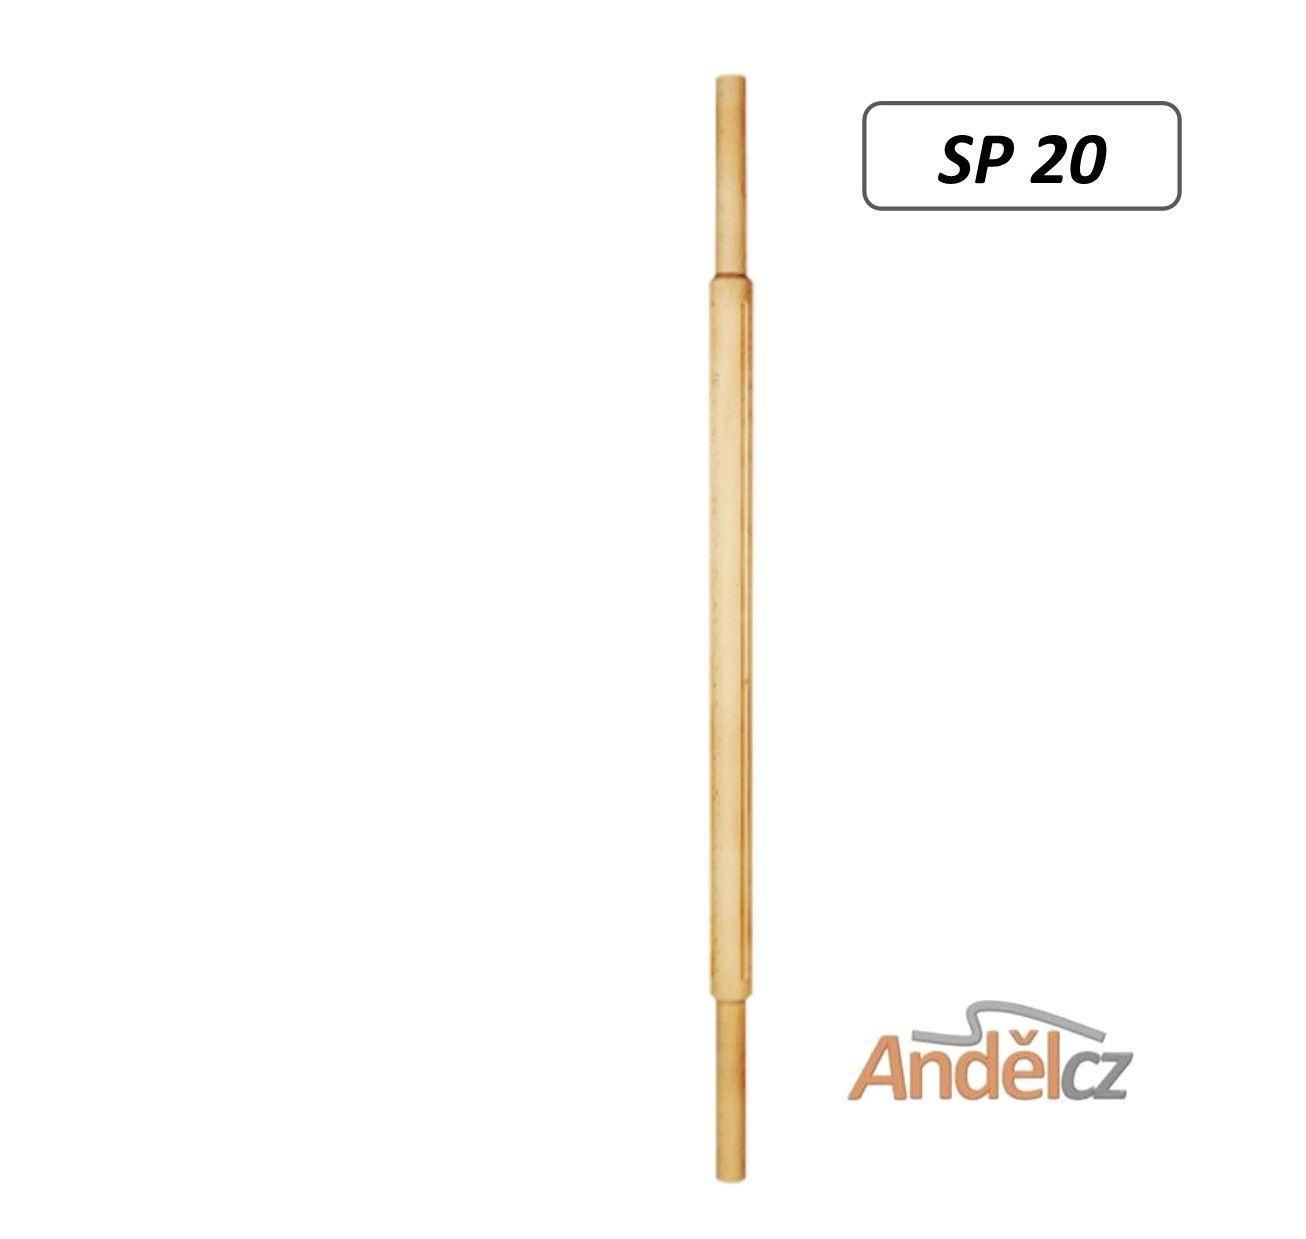 Dřevěná šprušle SP 20